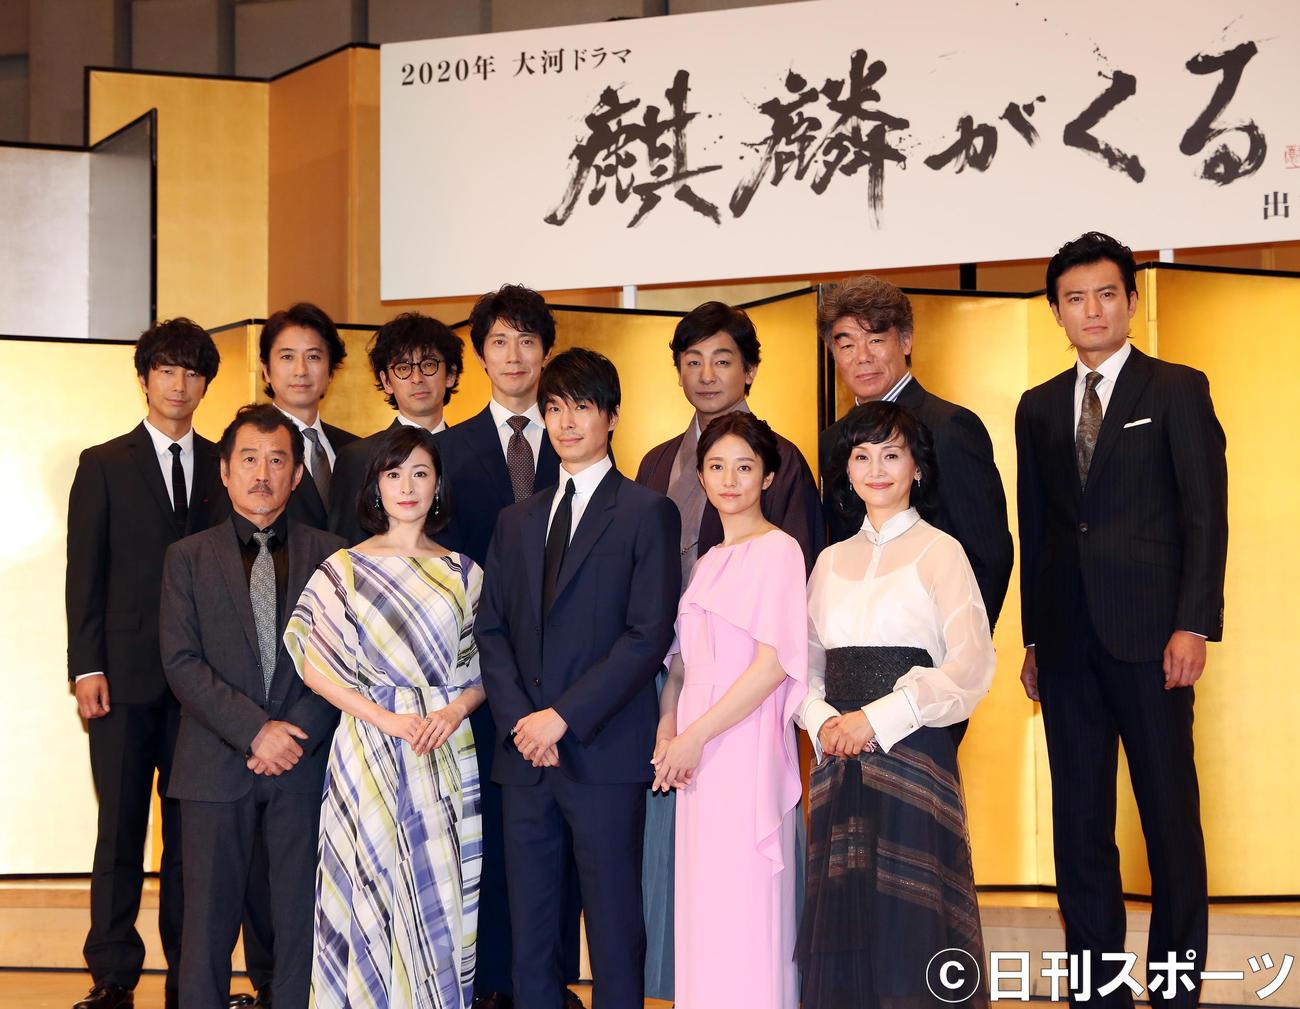 NHK大河ドラマ「麒麟がくる」の出演者たち(2019年6月17日撮影)